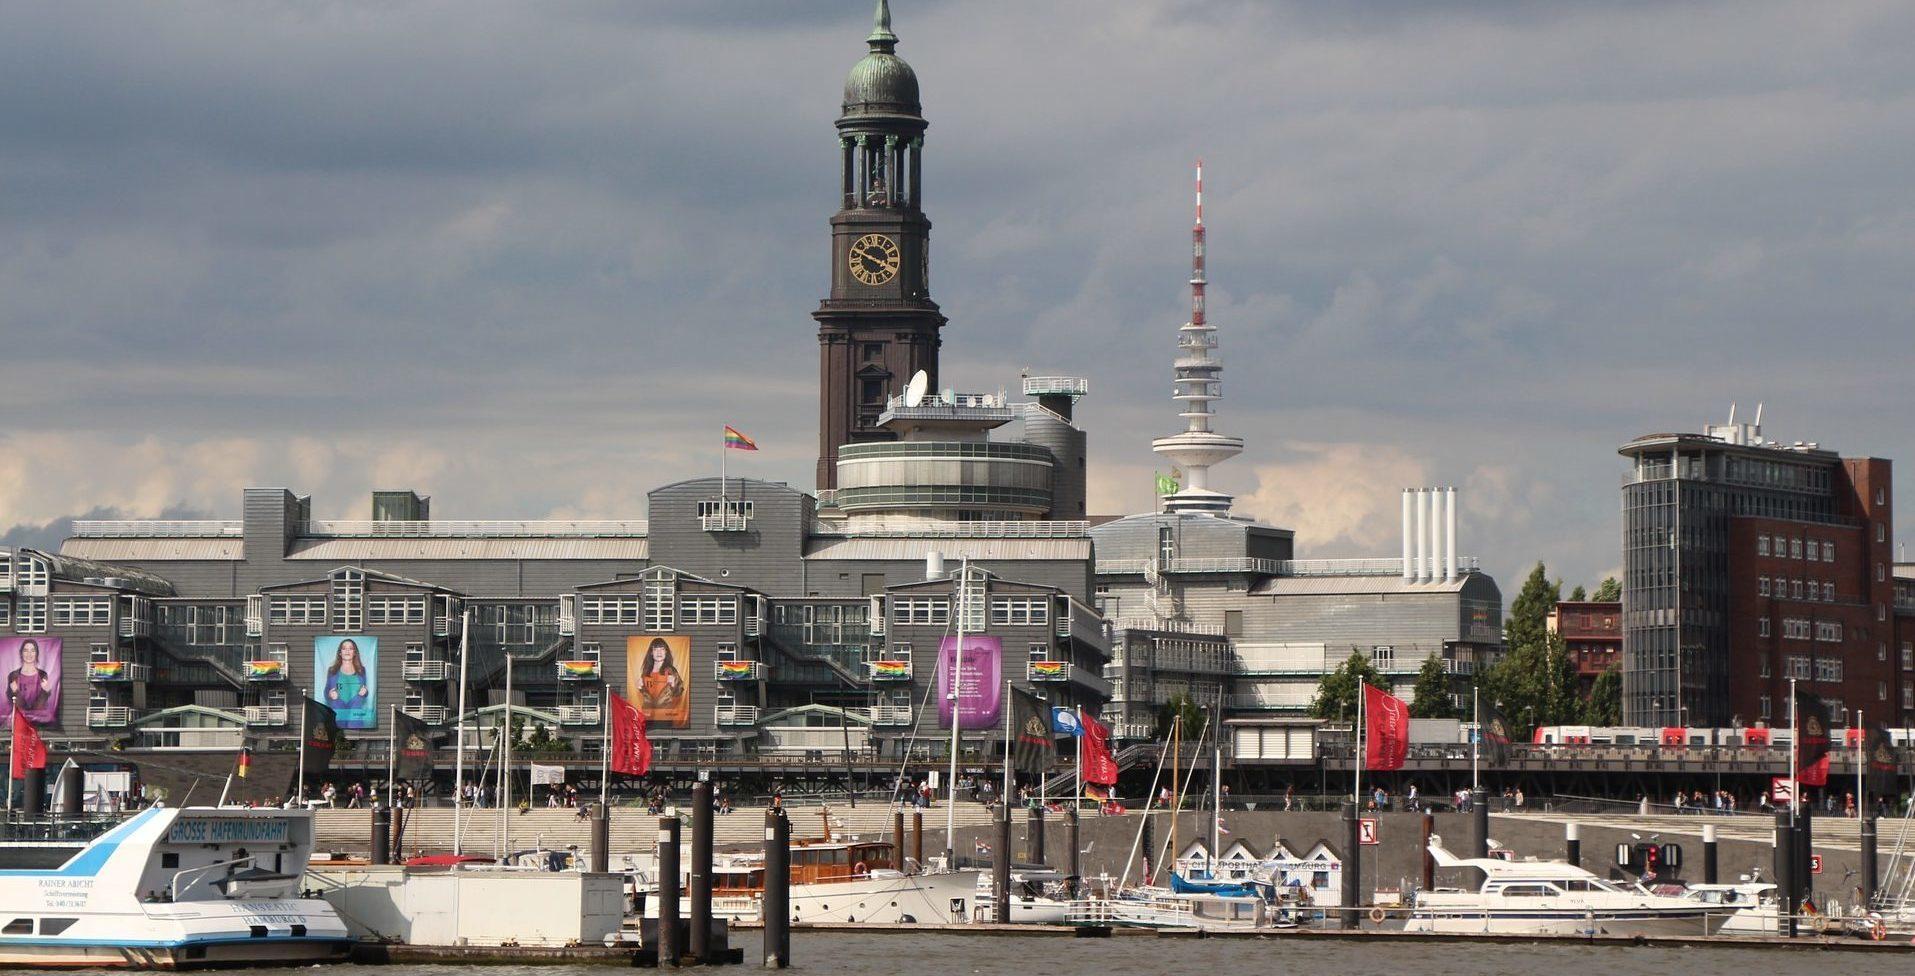 Marketing Hamburg, Neukundengewinnung, Kundenbindung